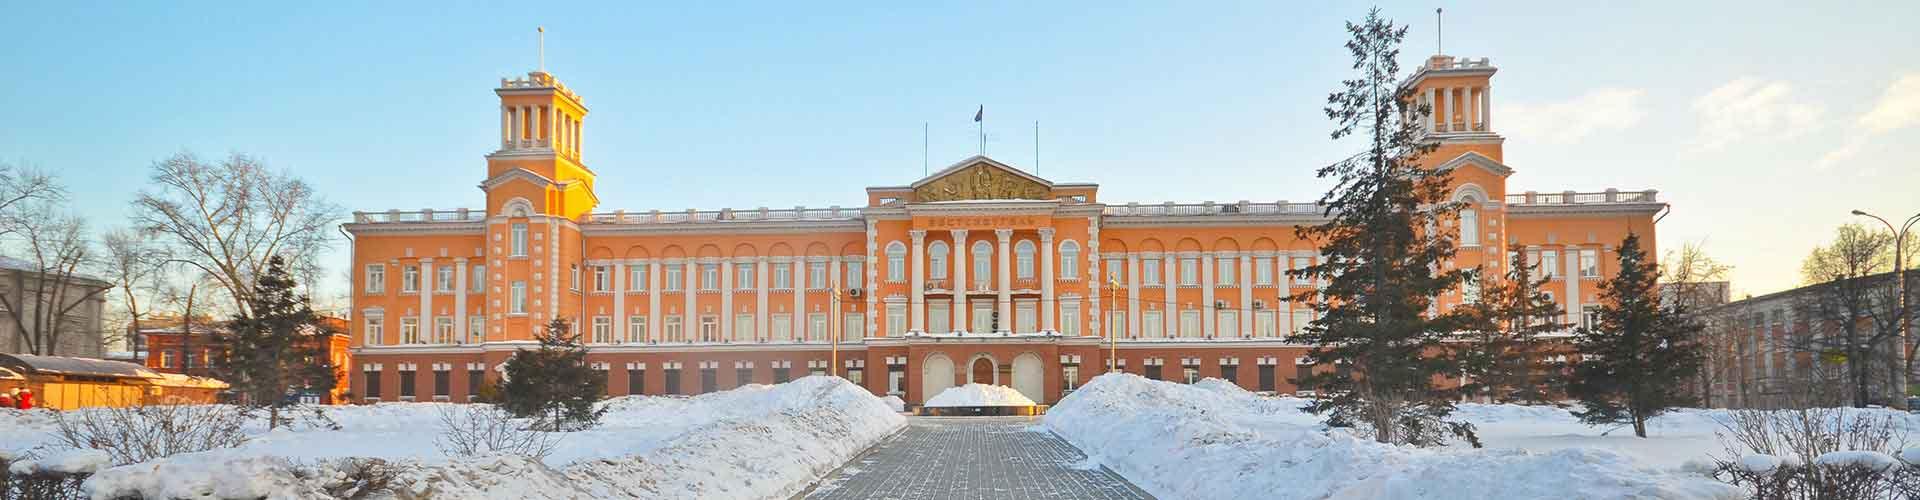 Irkutsk - Auberges de jeunesse à Irkutsk. Cartes pour Irkutsk, photos et commentaires pour chaque auberge de jeunesse à Irkutsk.